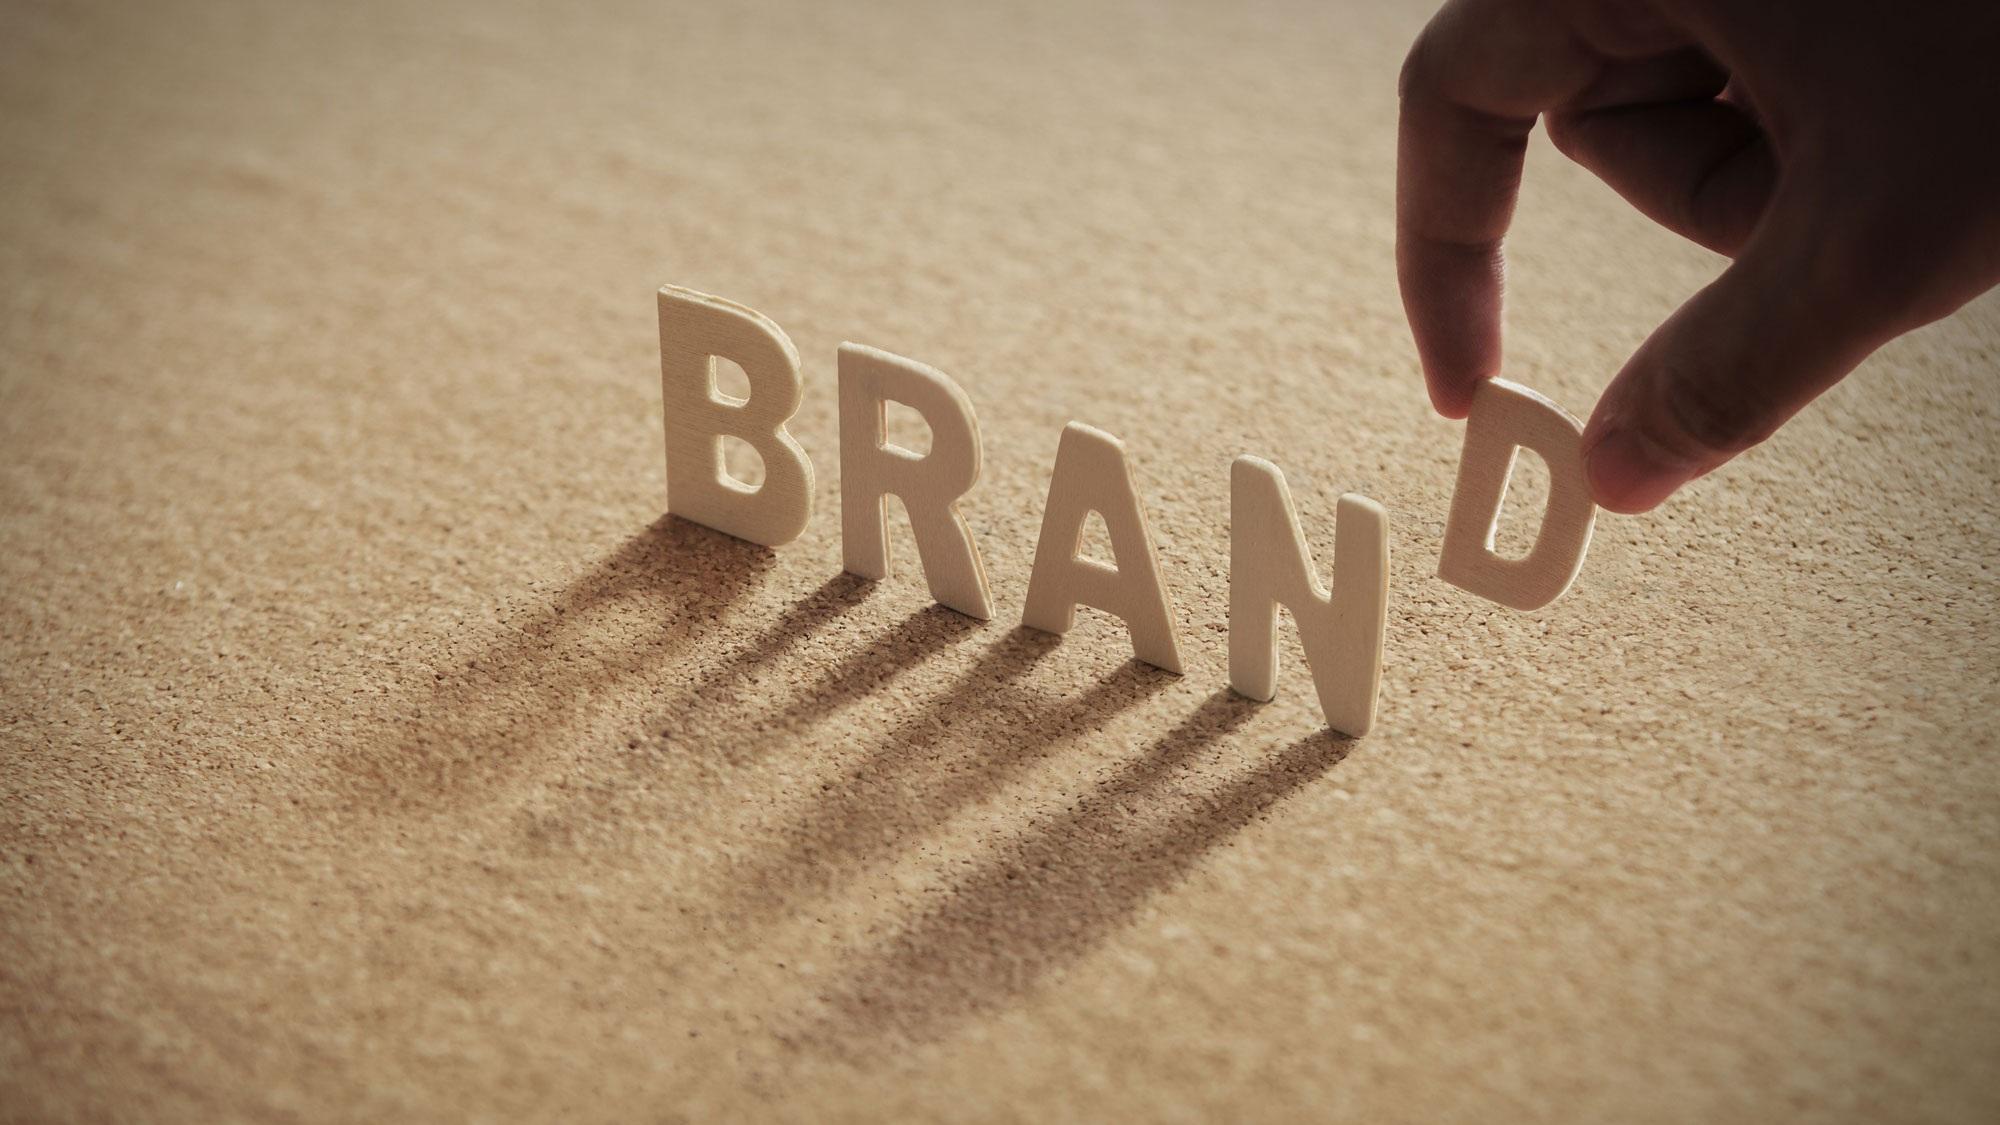 Branding_645775210.jpg